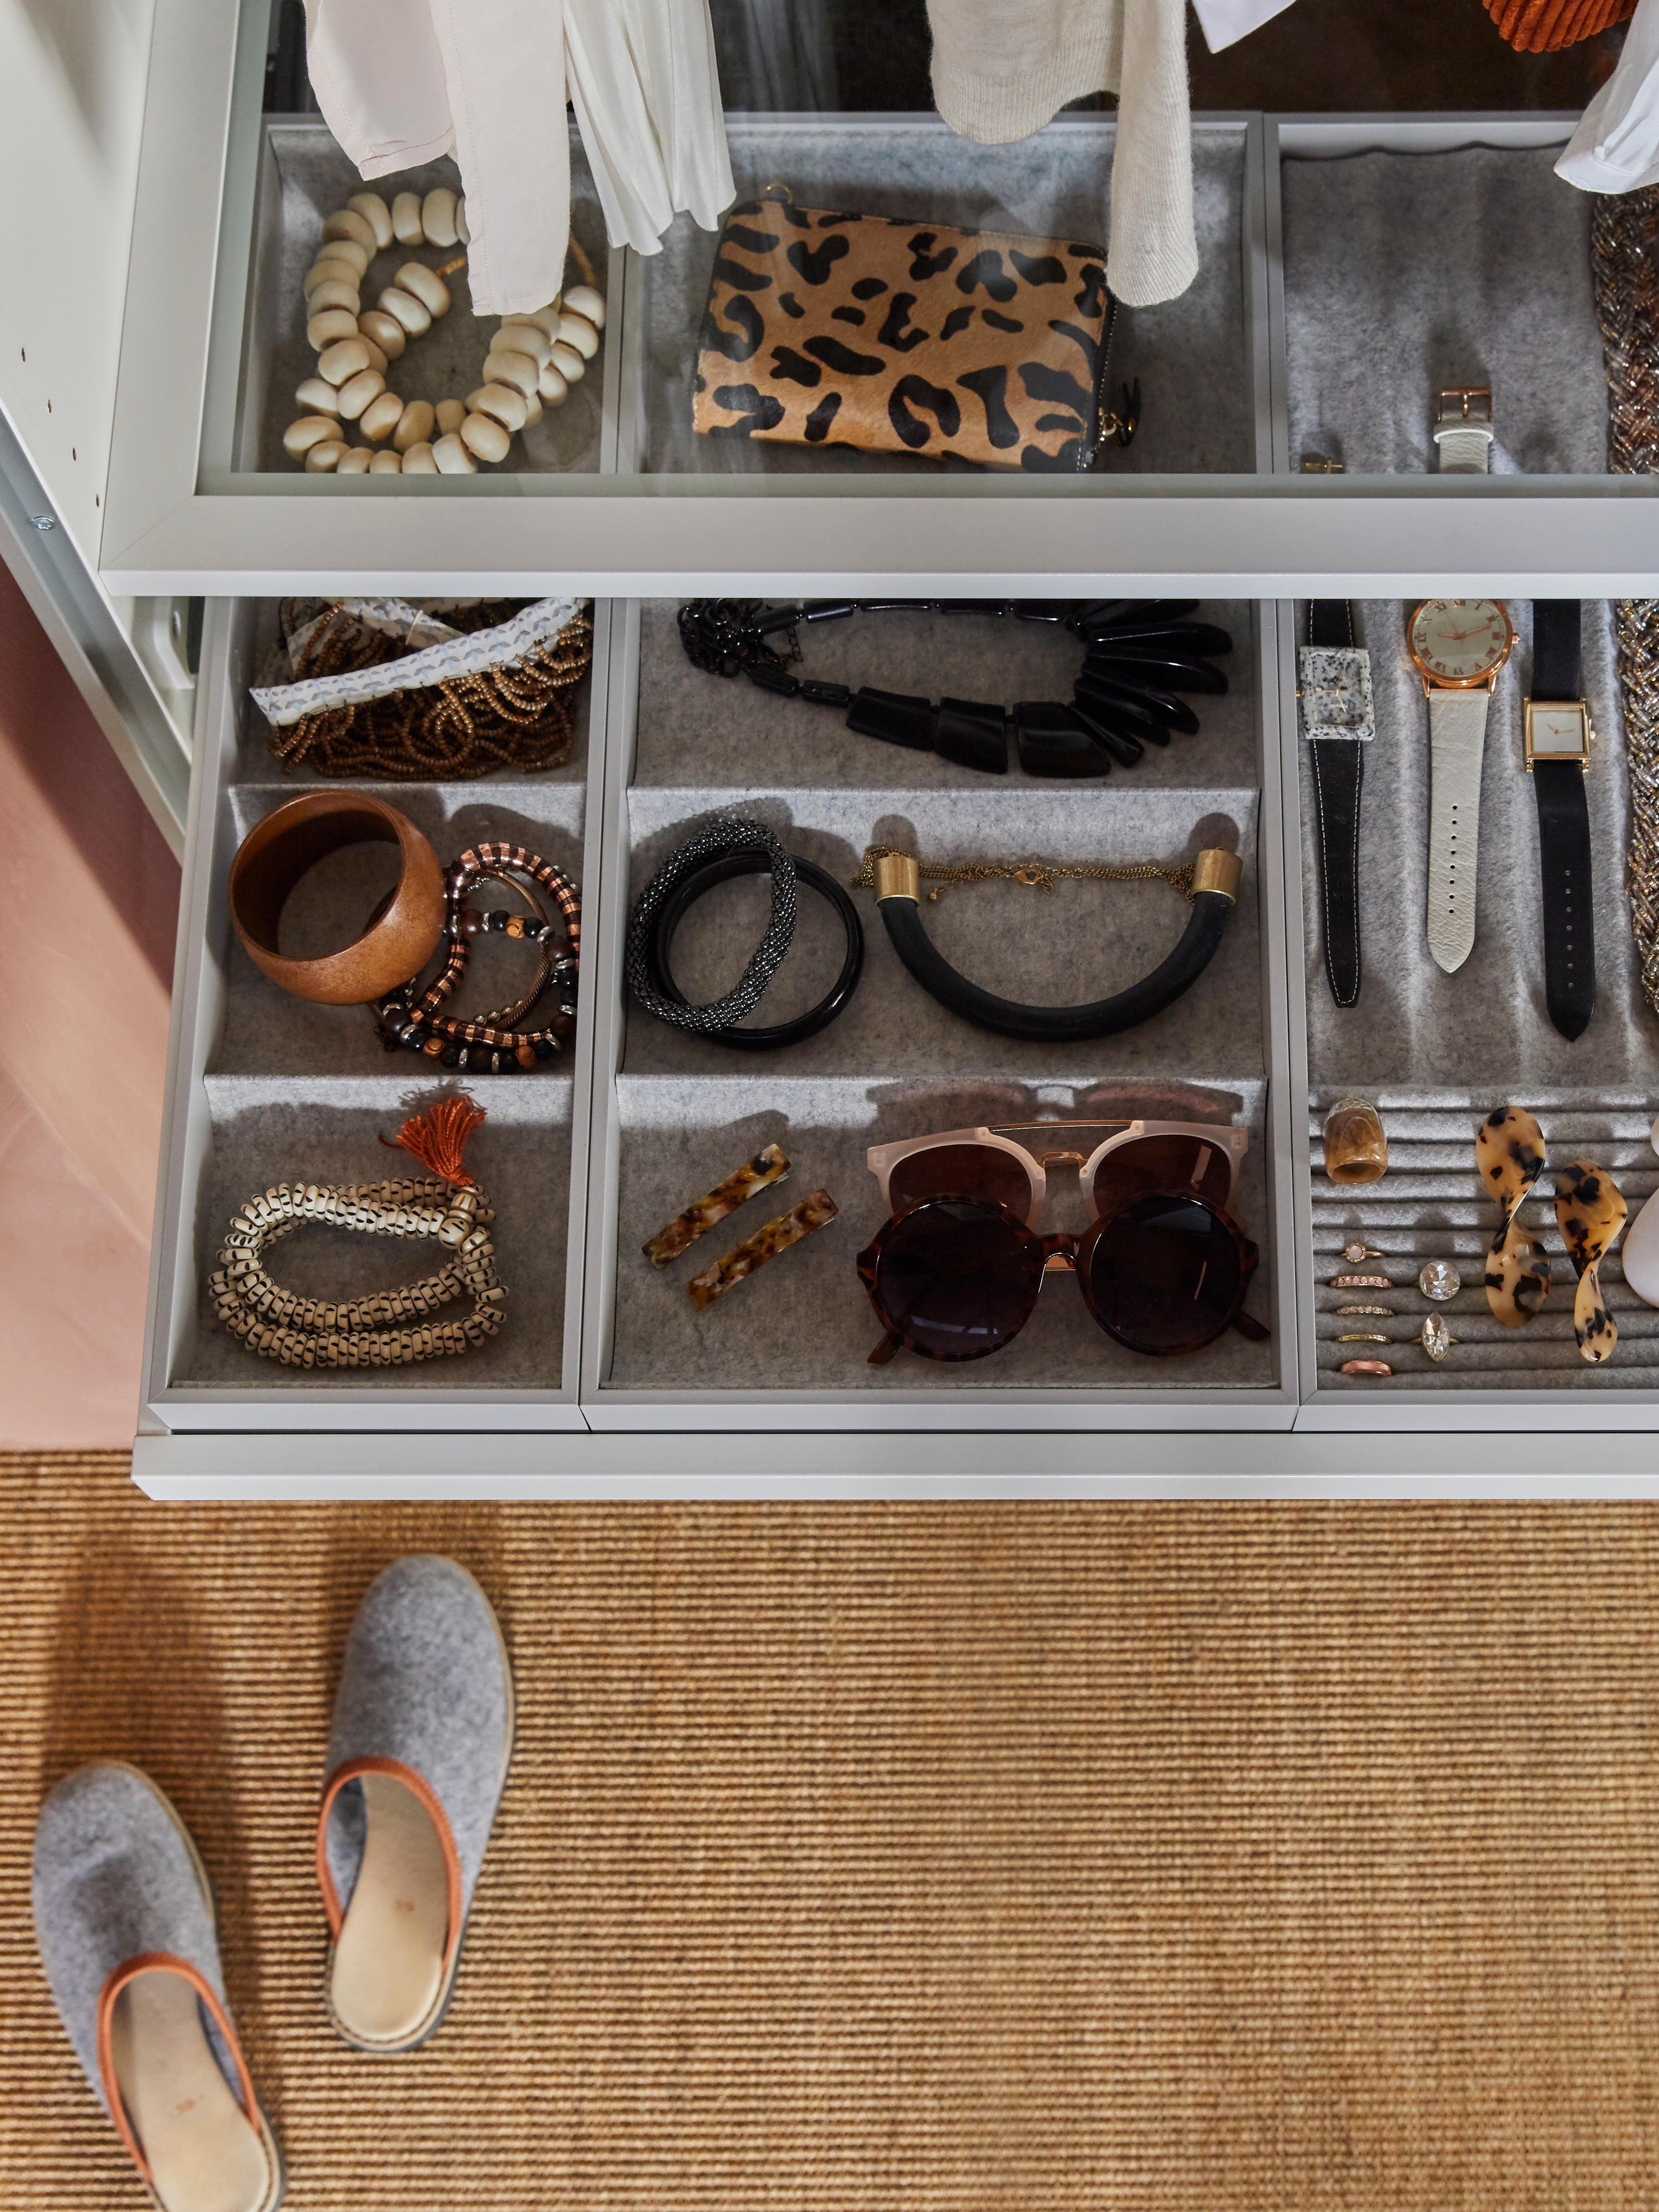 Graue KOMPLEMENT Boxen, gefüllt mit unterschiedlichen Accessoires wie Handtaschen, Ketten, Armreifen und Uhren.